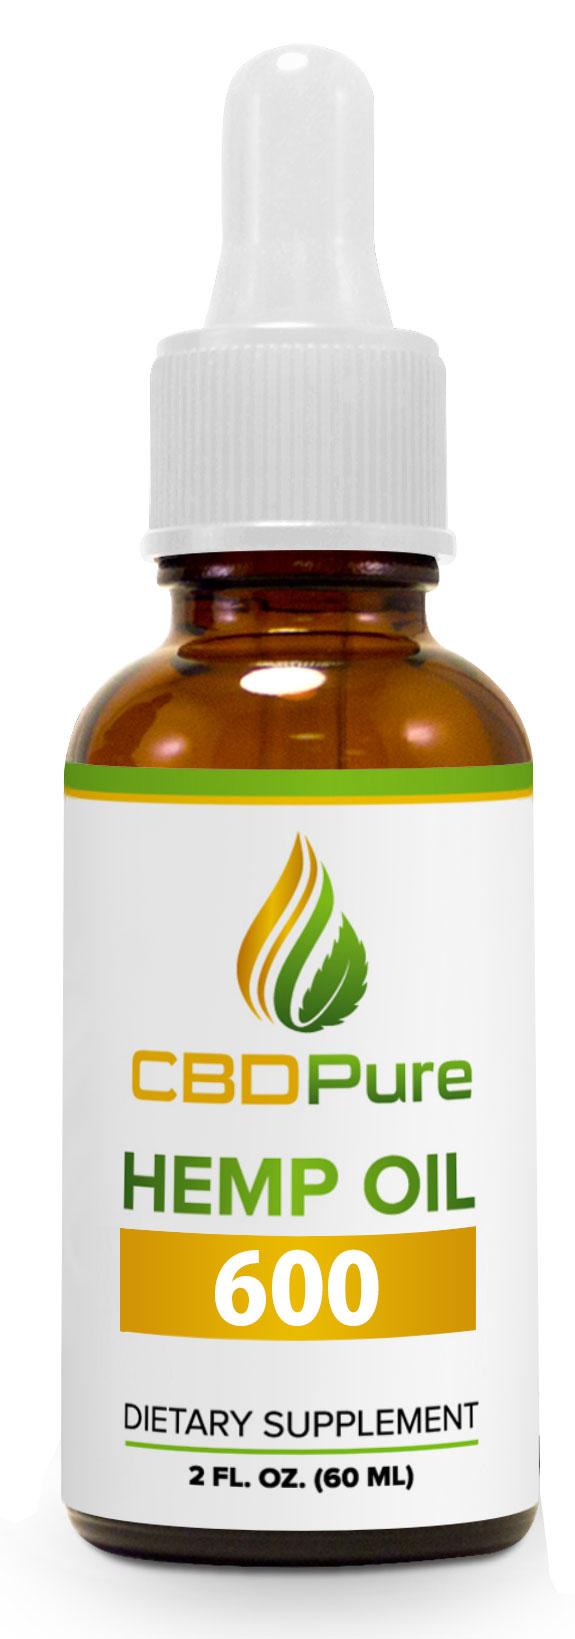 CBD Hemp Oil 600